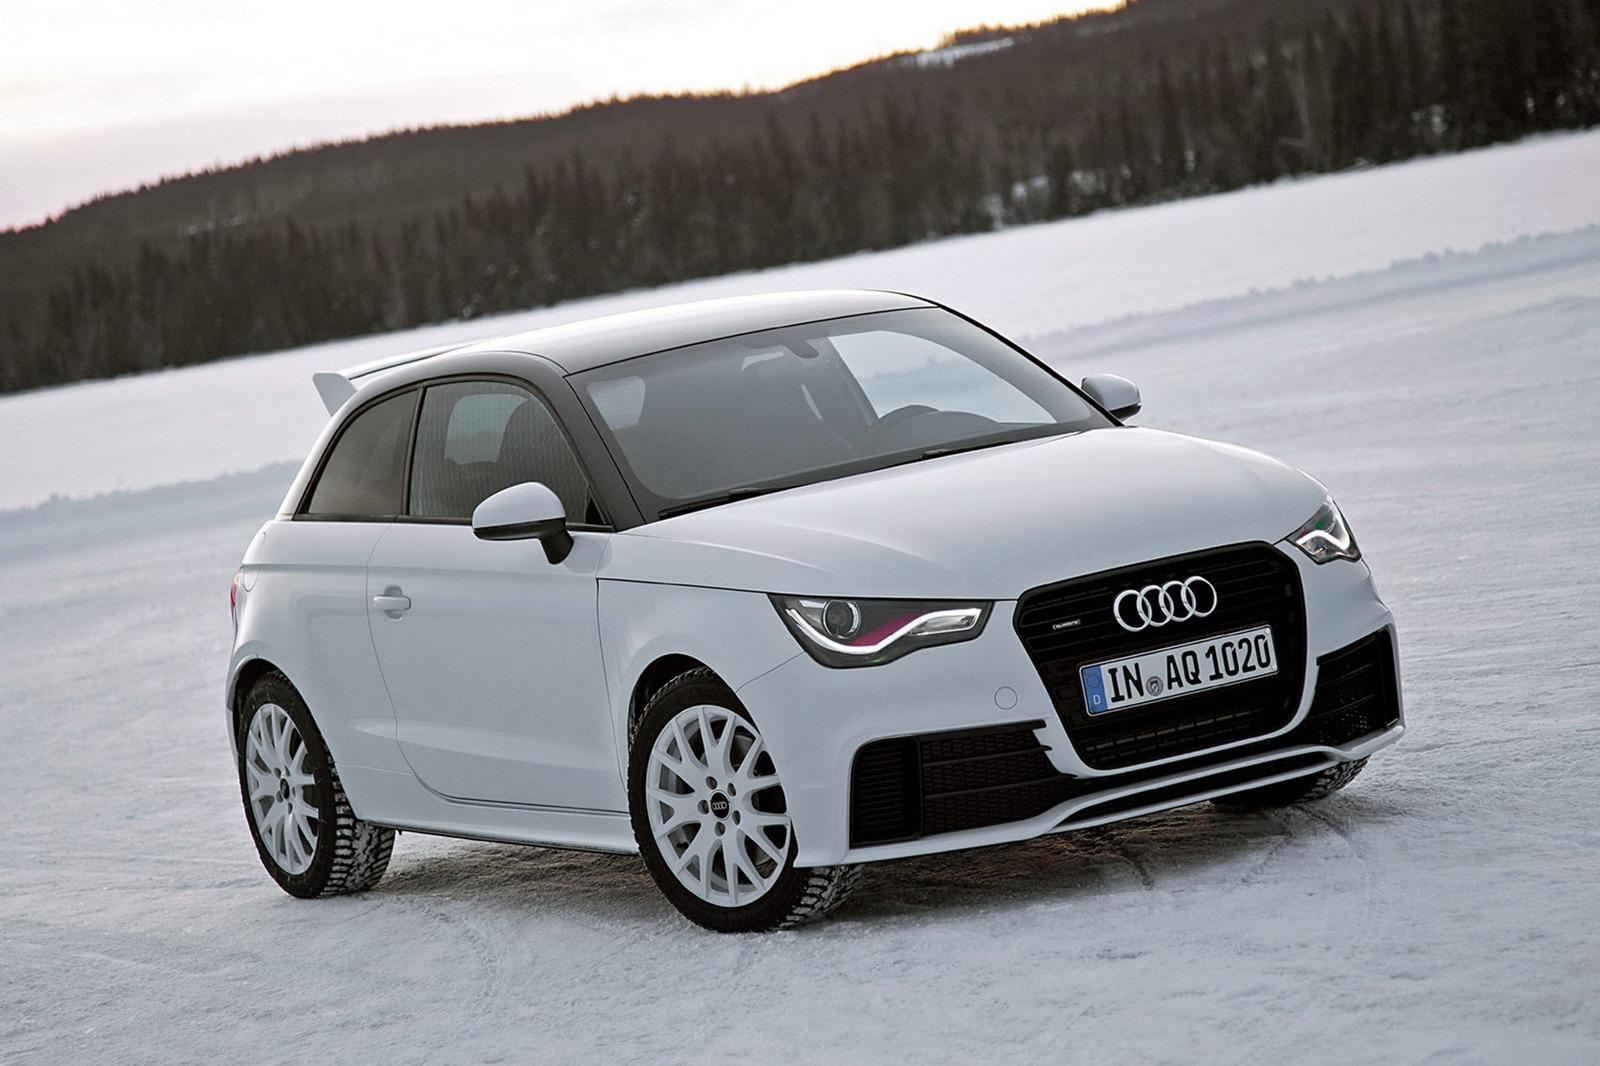 http://3.bp.blogspot.com/-Ug3HWG8JJ9s/T1w2ojFzC2I/AAAAAAAAbec/Hz2dRUp5oqk/s1600/Audi+A1+Quattro+4.jpg